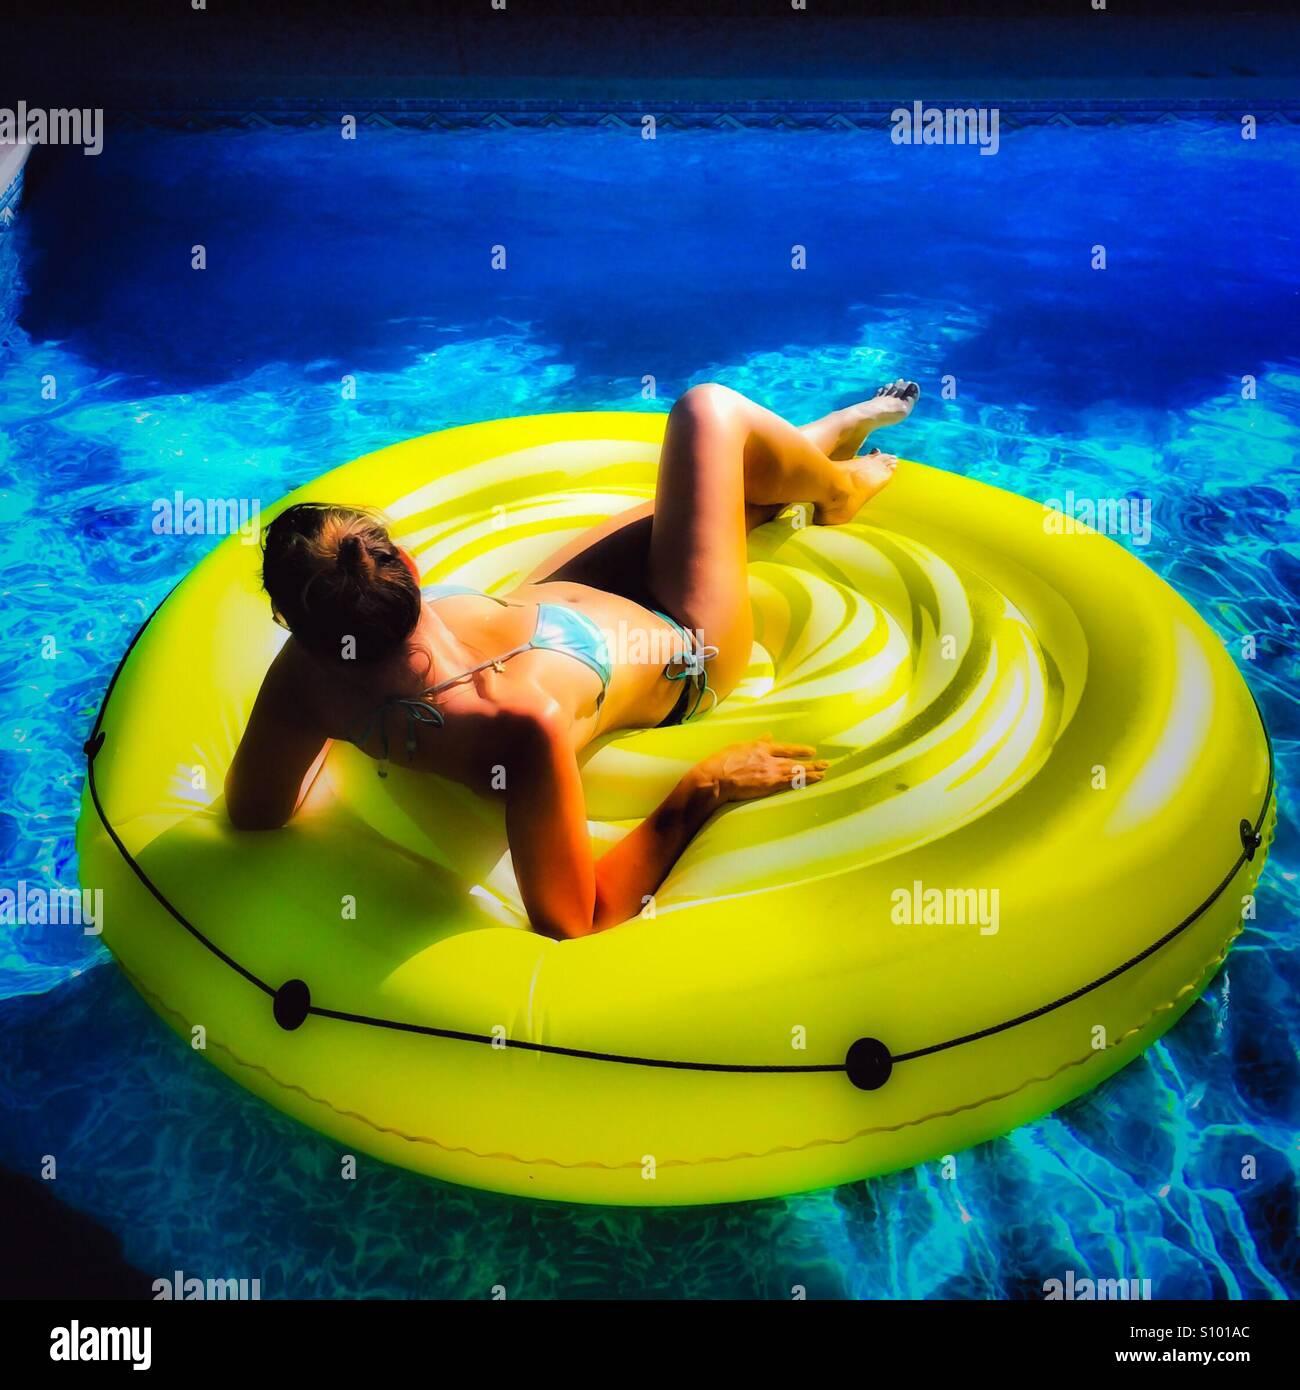 Woman relaxing on une piscine gonflable jouet sur une chaude journée ensoleillée. Les carrés. La Photo Stock